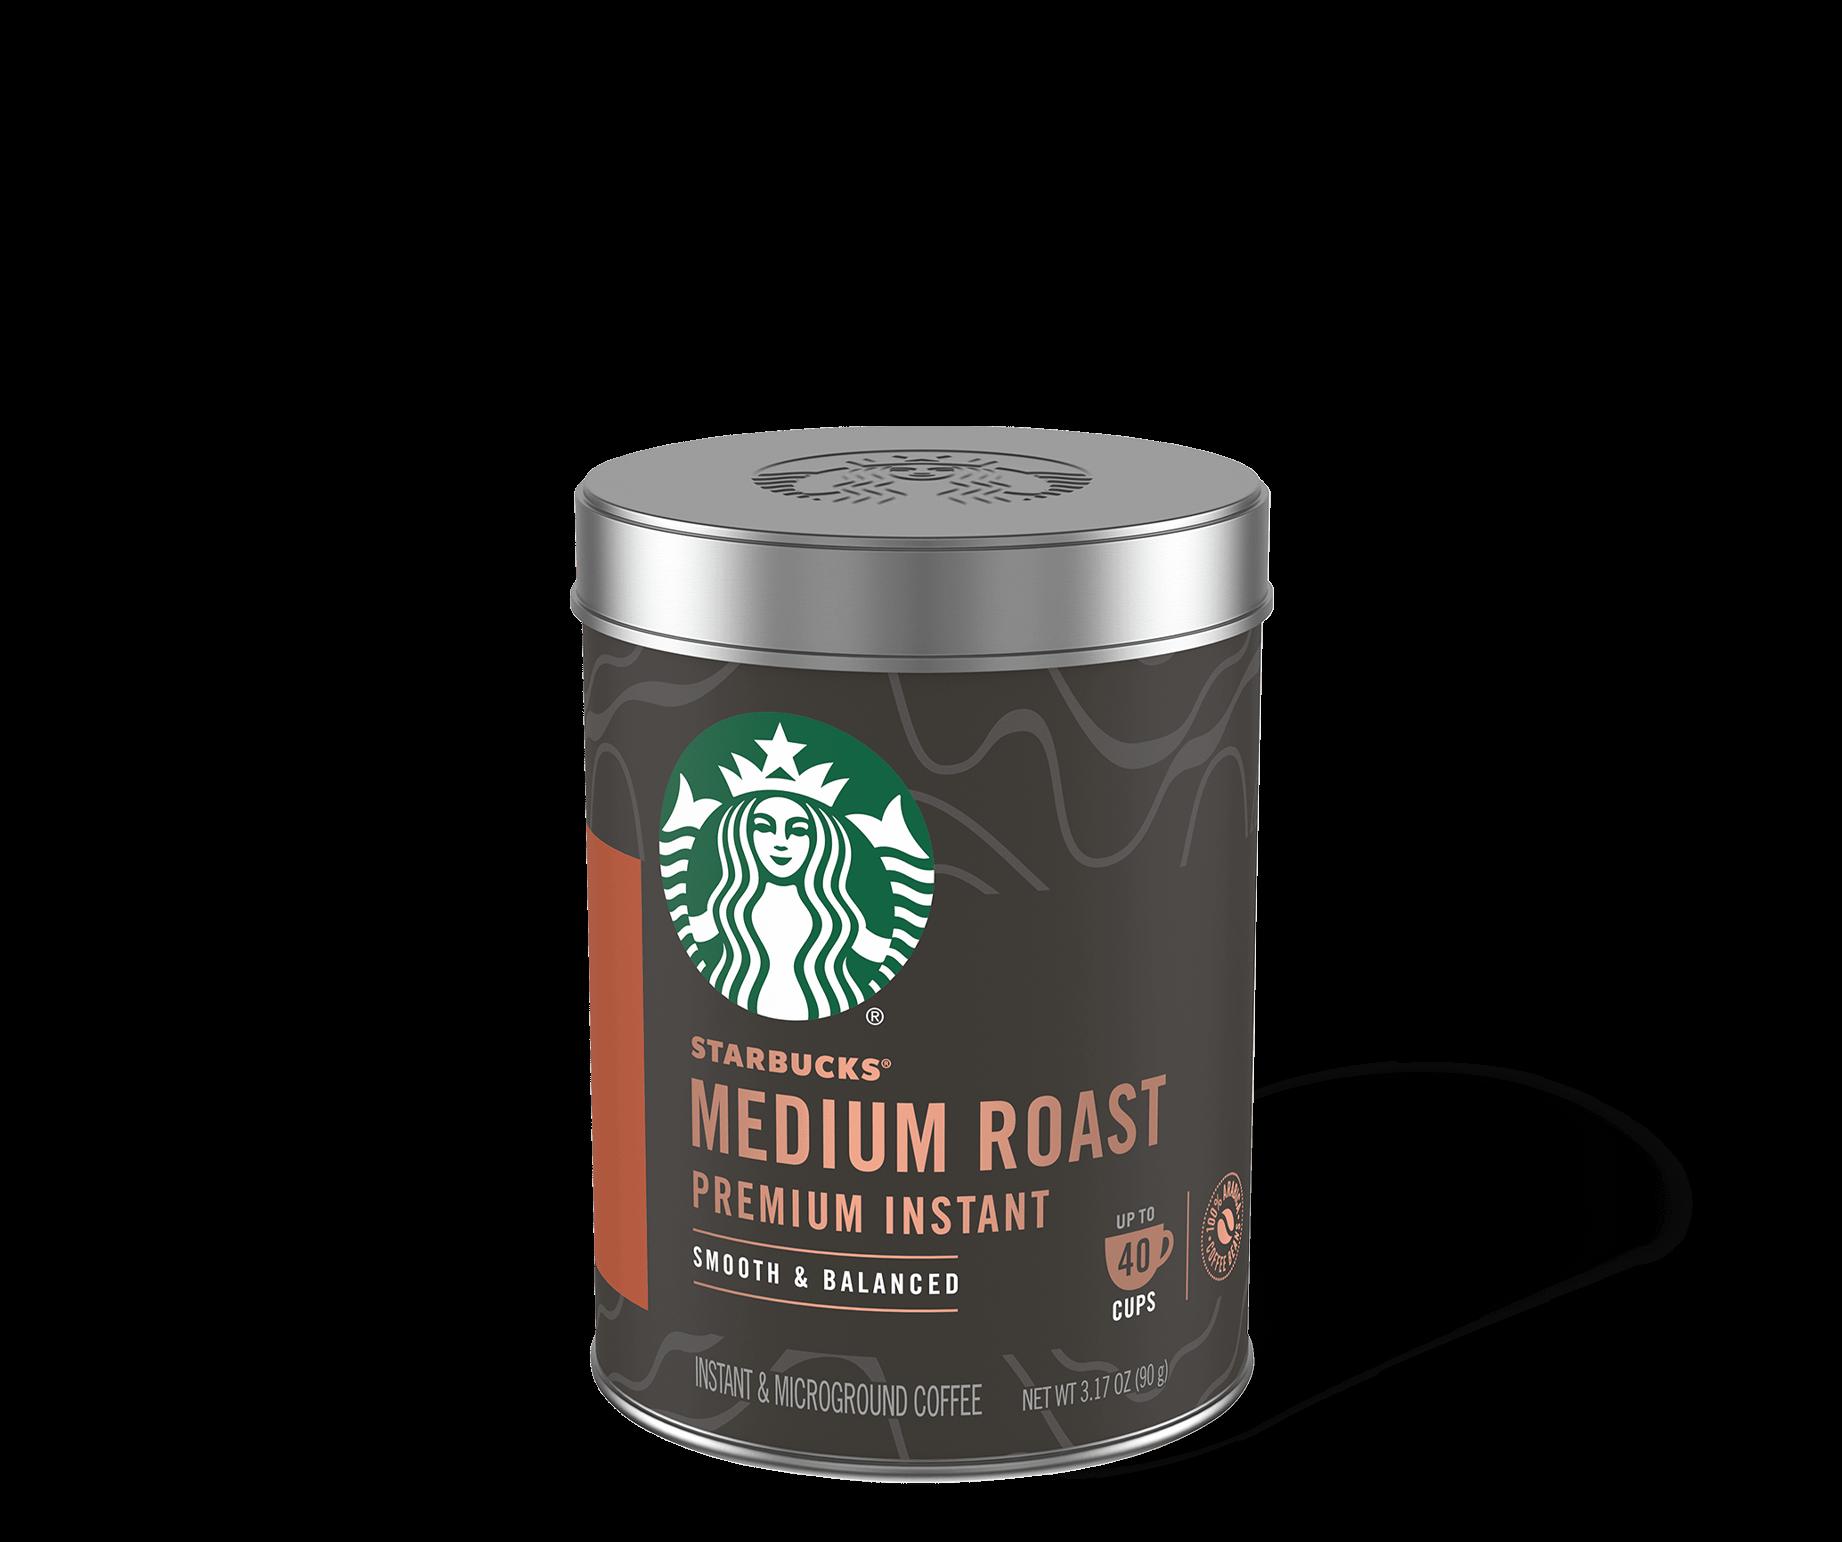 Starbucks® Premium Instant Medium Roast